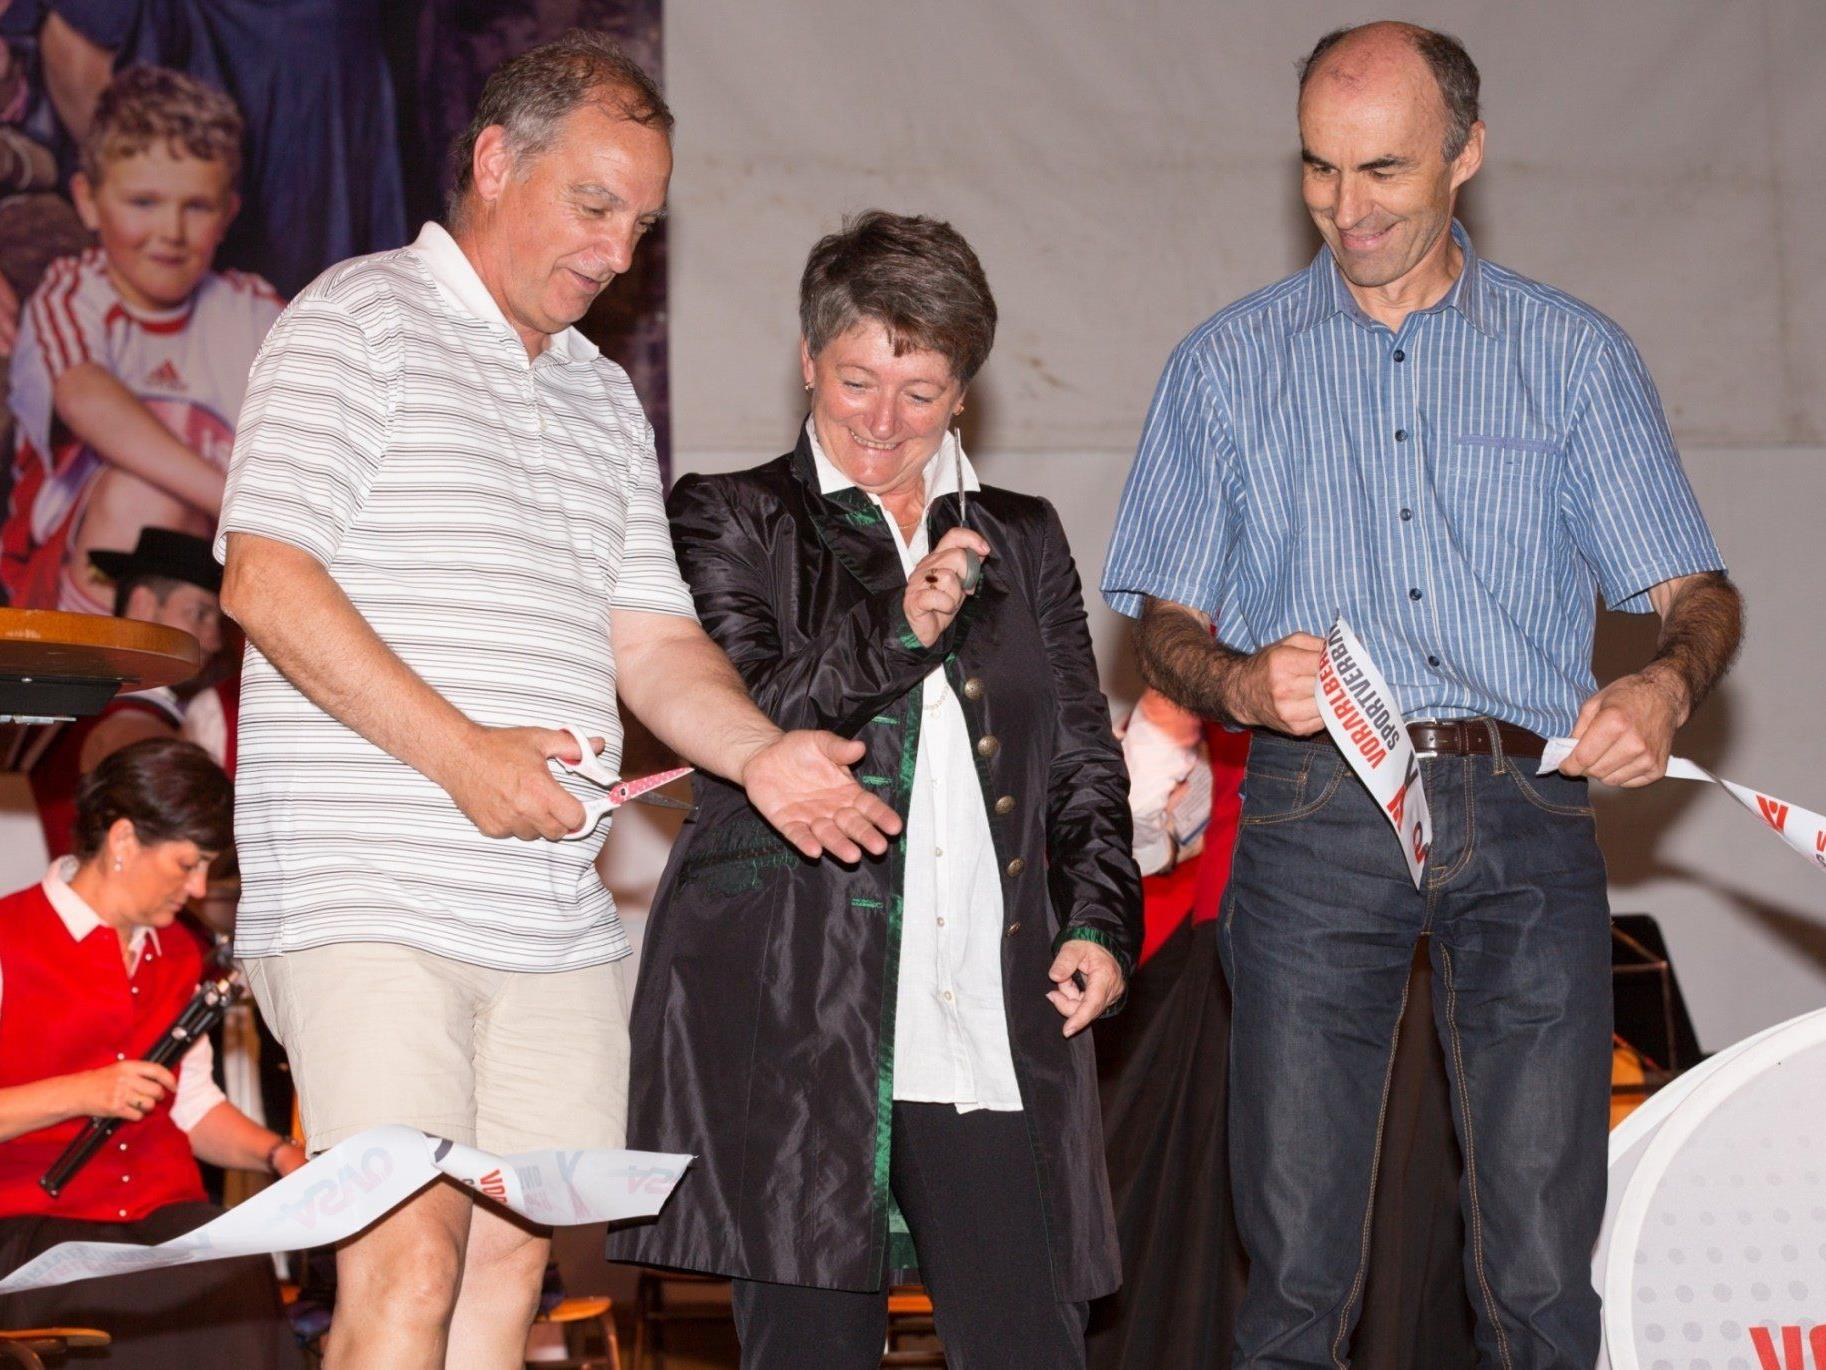 Eröffnung Familiensporttag v.l. Werner Eberle (ASVÖ), Theresia Handler (BM Egg), Dr. Eugen Burtscher (Gemeinderat Egg)